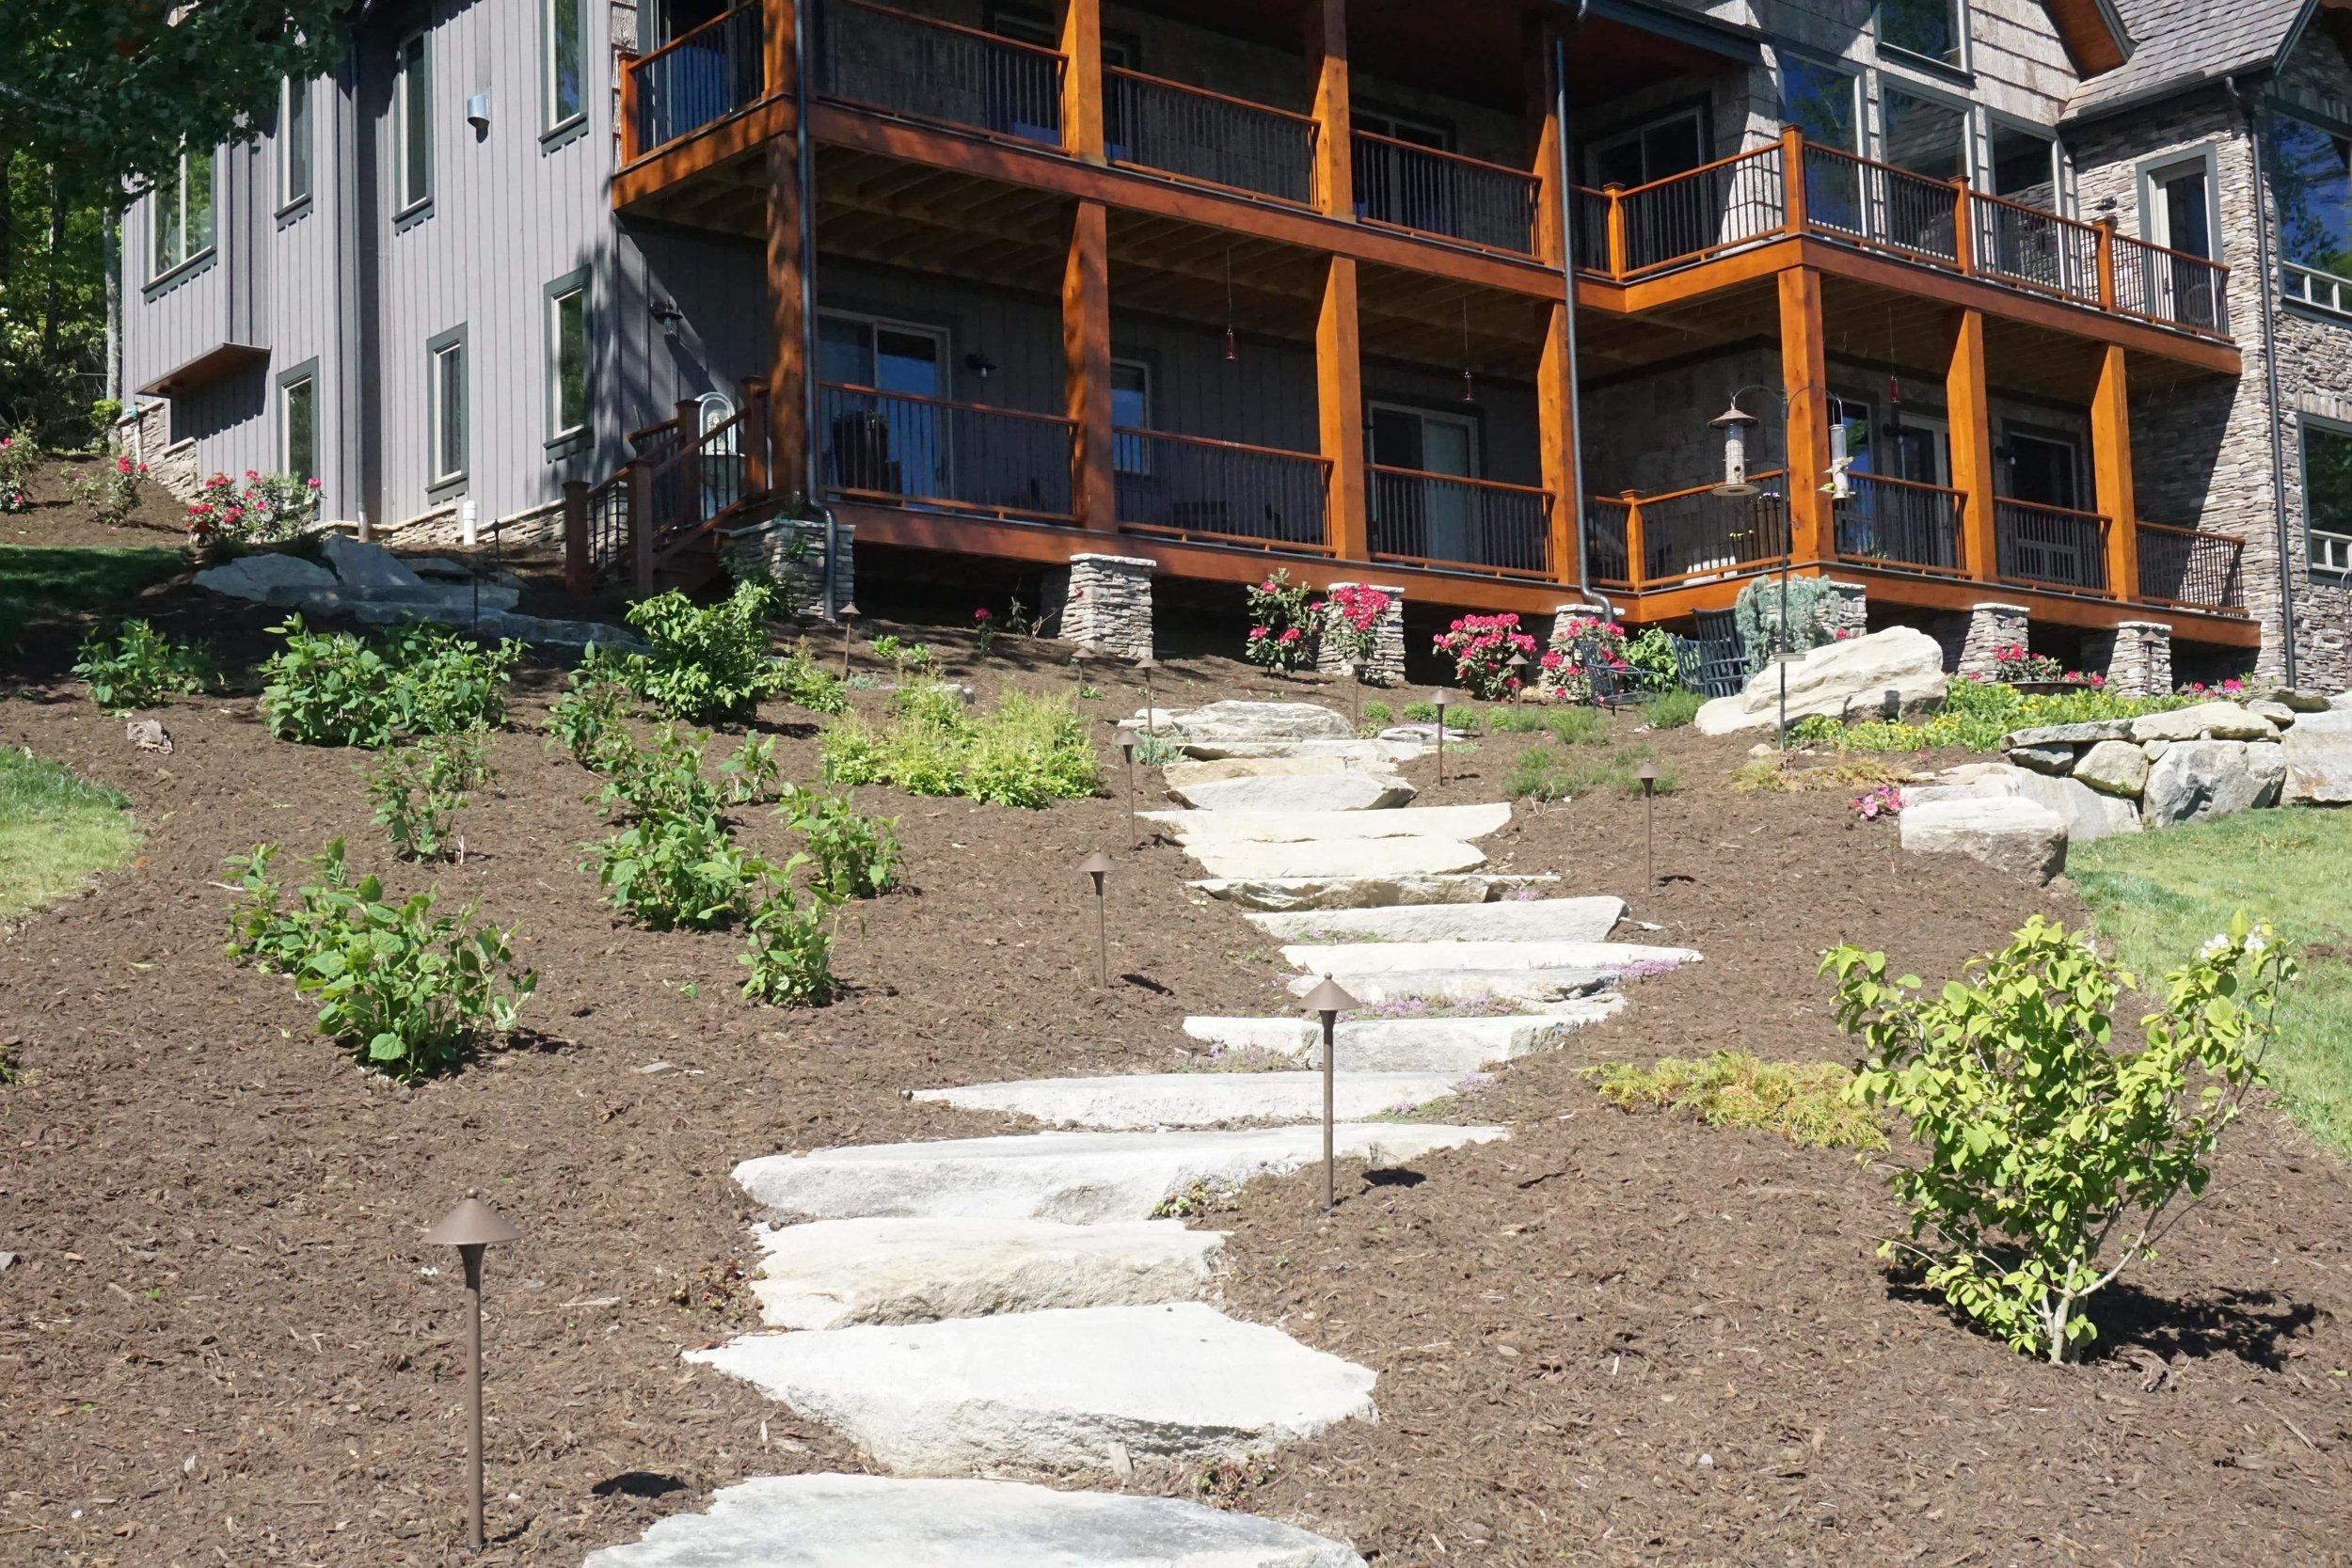 wrens-nest-landscape-design-installation-maintenance-walkways.jpg